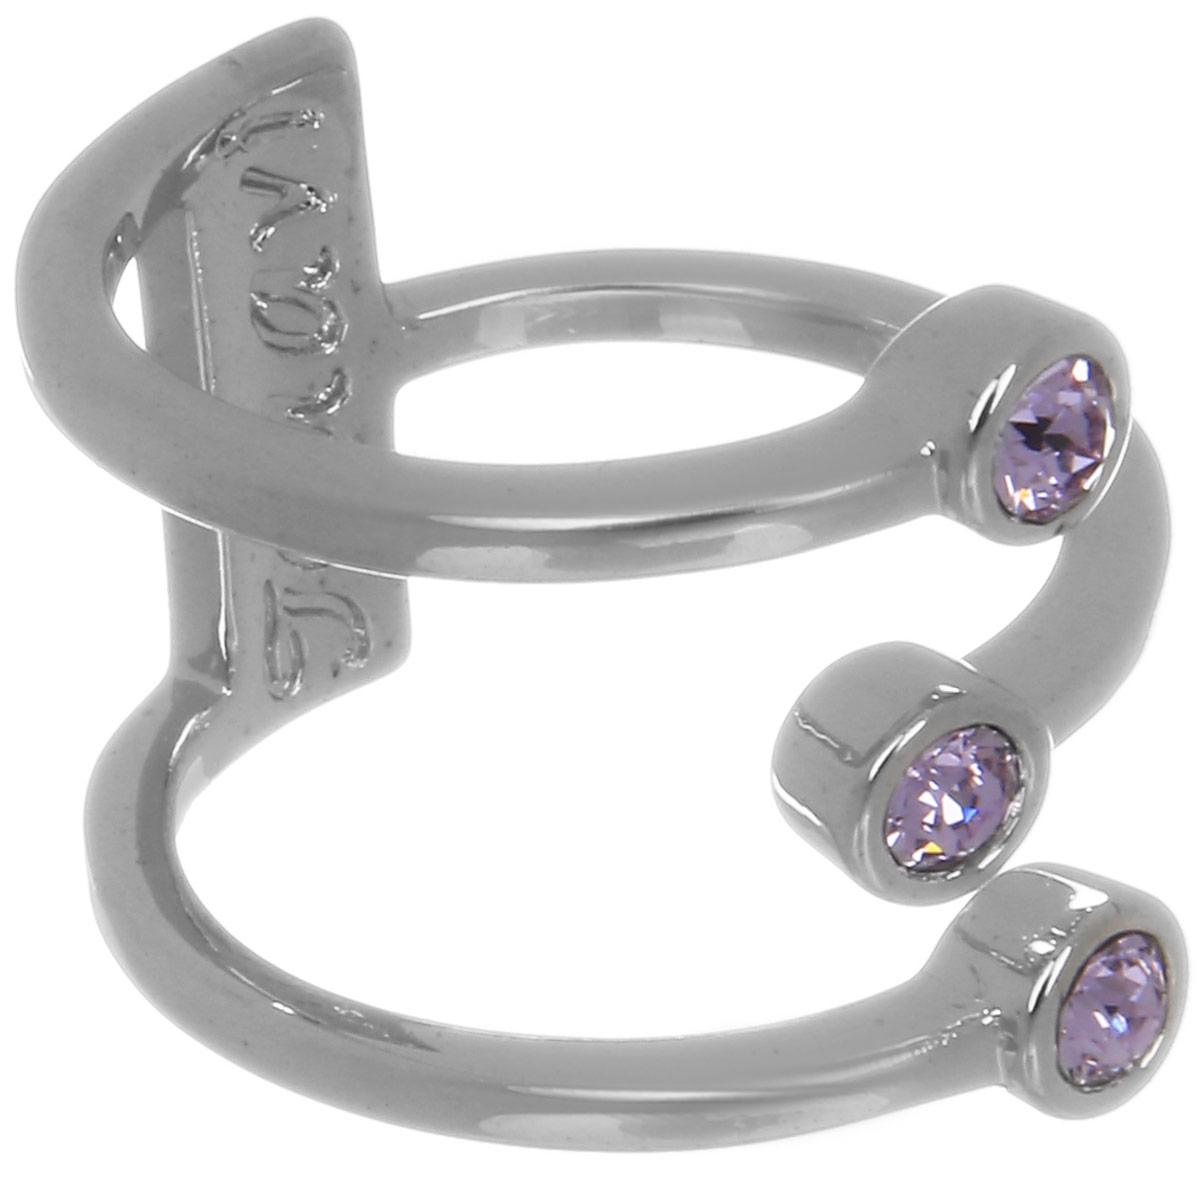 Jenavi, Коллекция Триада, Тримурти (Кольцо), цвет - серебряный, фиолетовый, размер - 18f696f050Коллекция Триада, Тримурти (Кольцо) гипоаллергенный ювелирный сплав,Серебрение c род. , вставка Кристаллы Swarovski , цвет - серебряный, фиолетовый, размер - 18